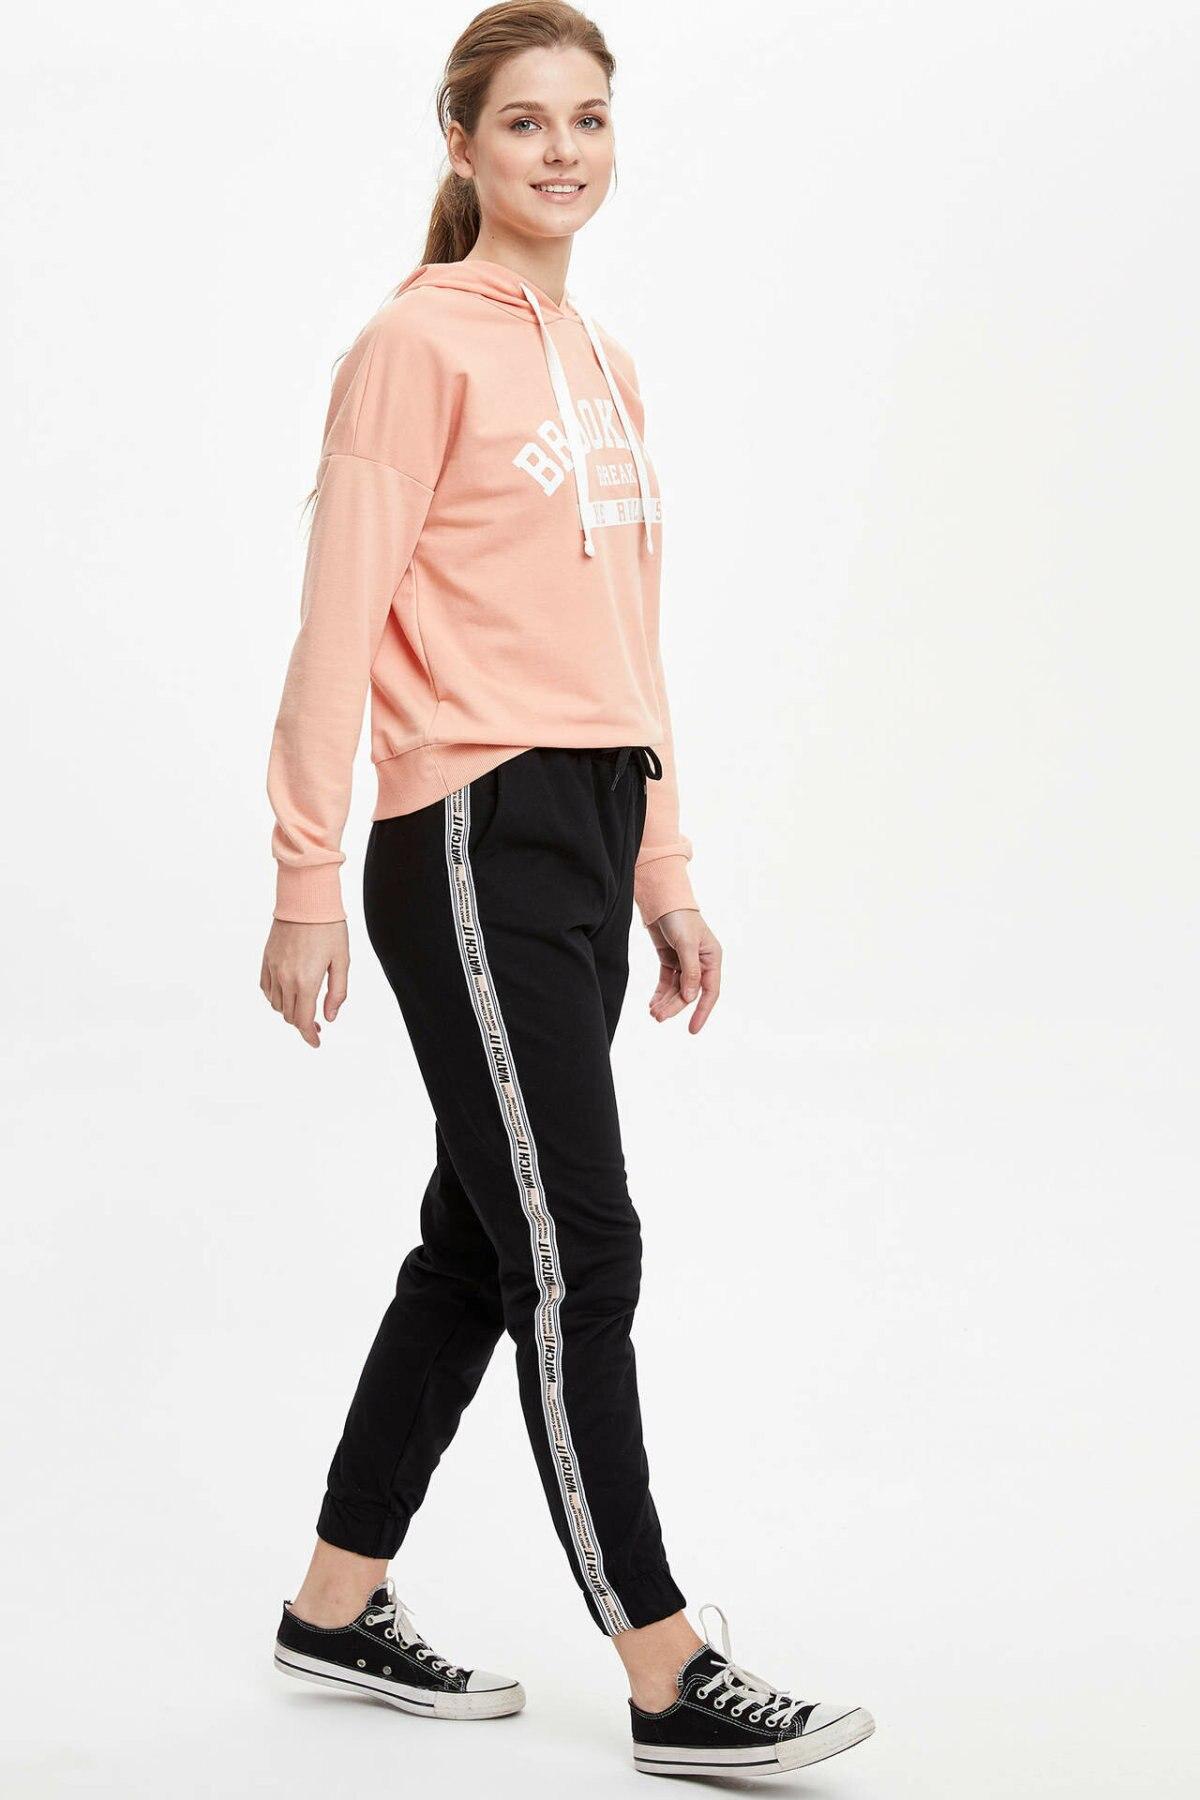 DeFacto Woman's Trousers Women's Spring Casual Black Bottoms Women's Sports Pants Women Lace-up Pants-M9618AZ20SP